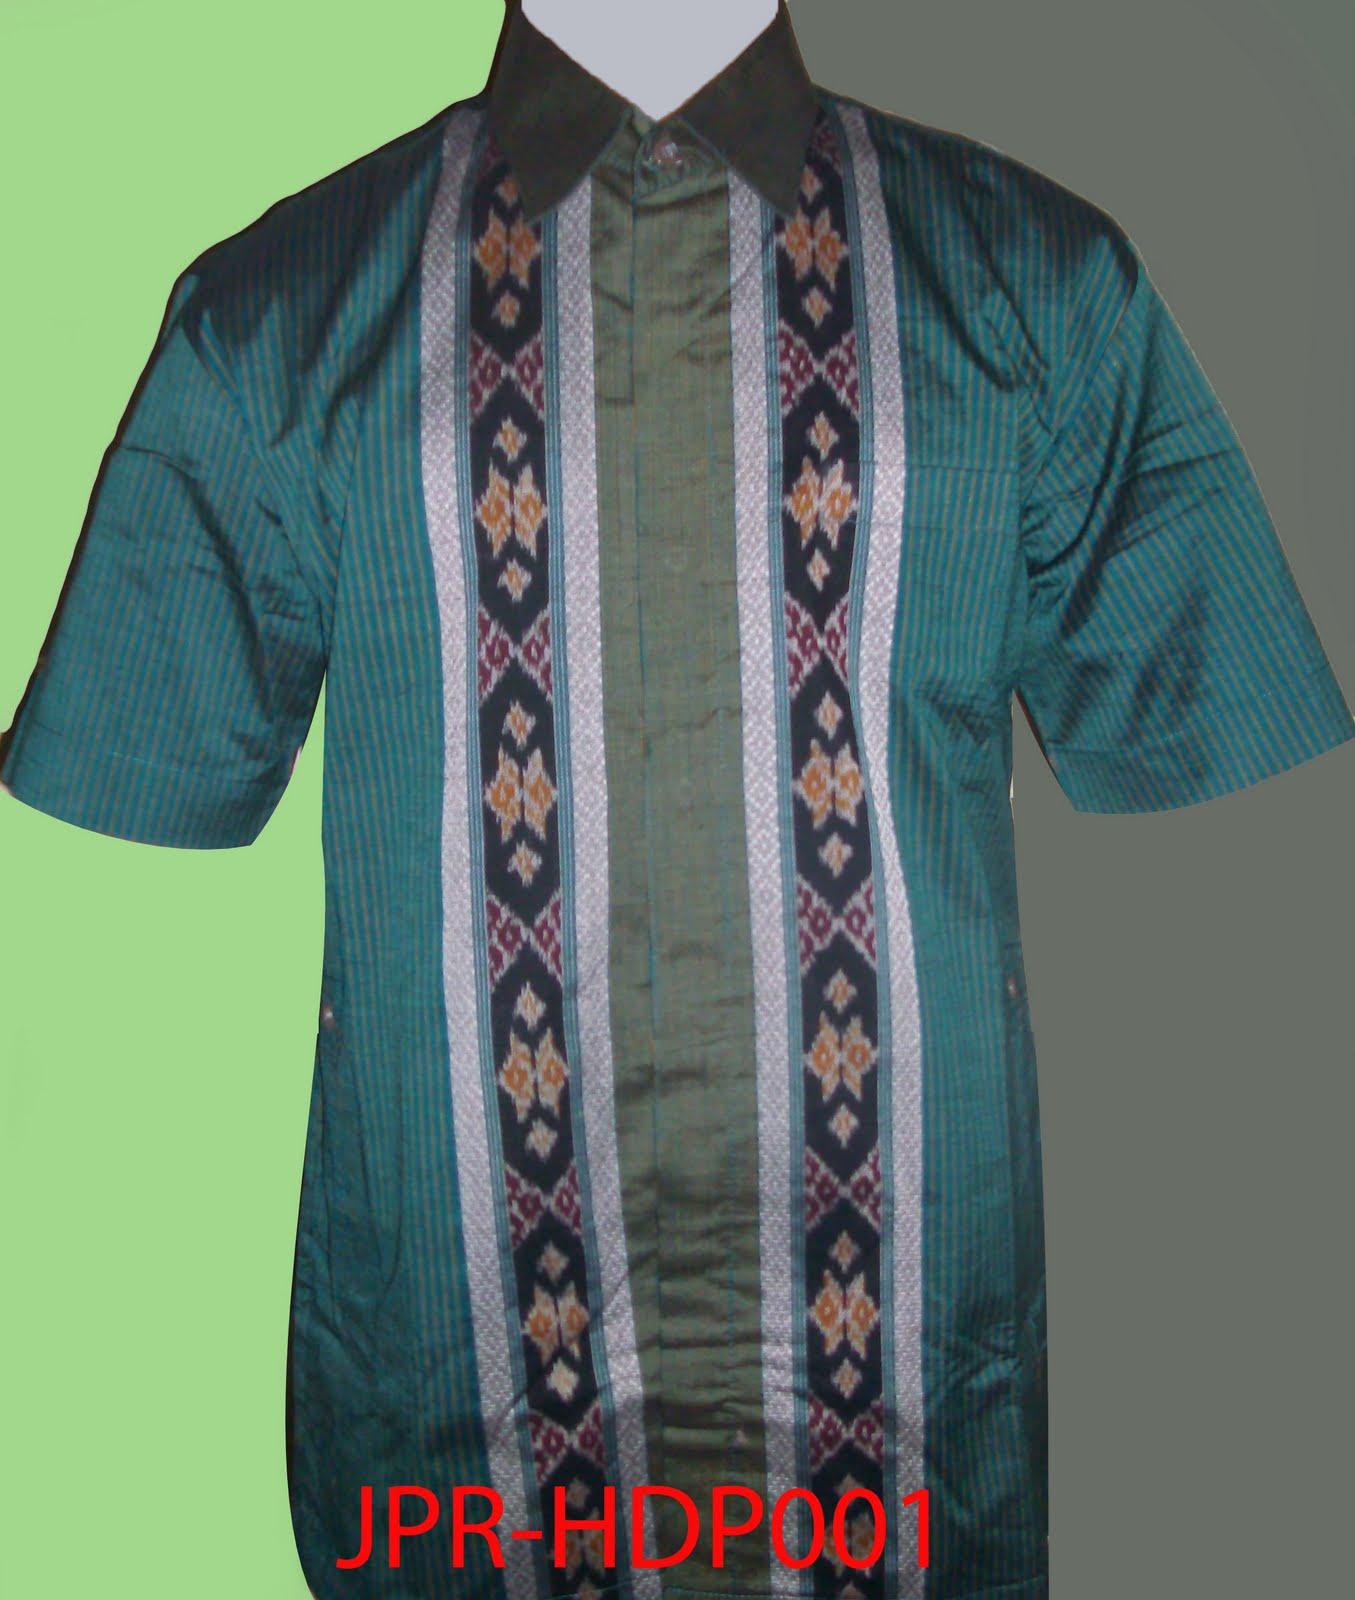 Potongan Baju Batik Pria: 2011 Model Baju Batik-Knitting Gallery